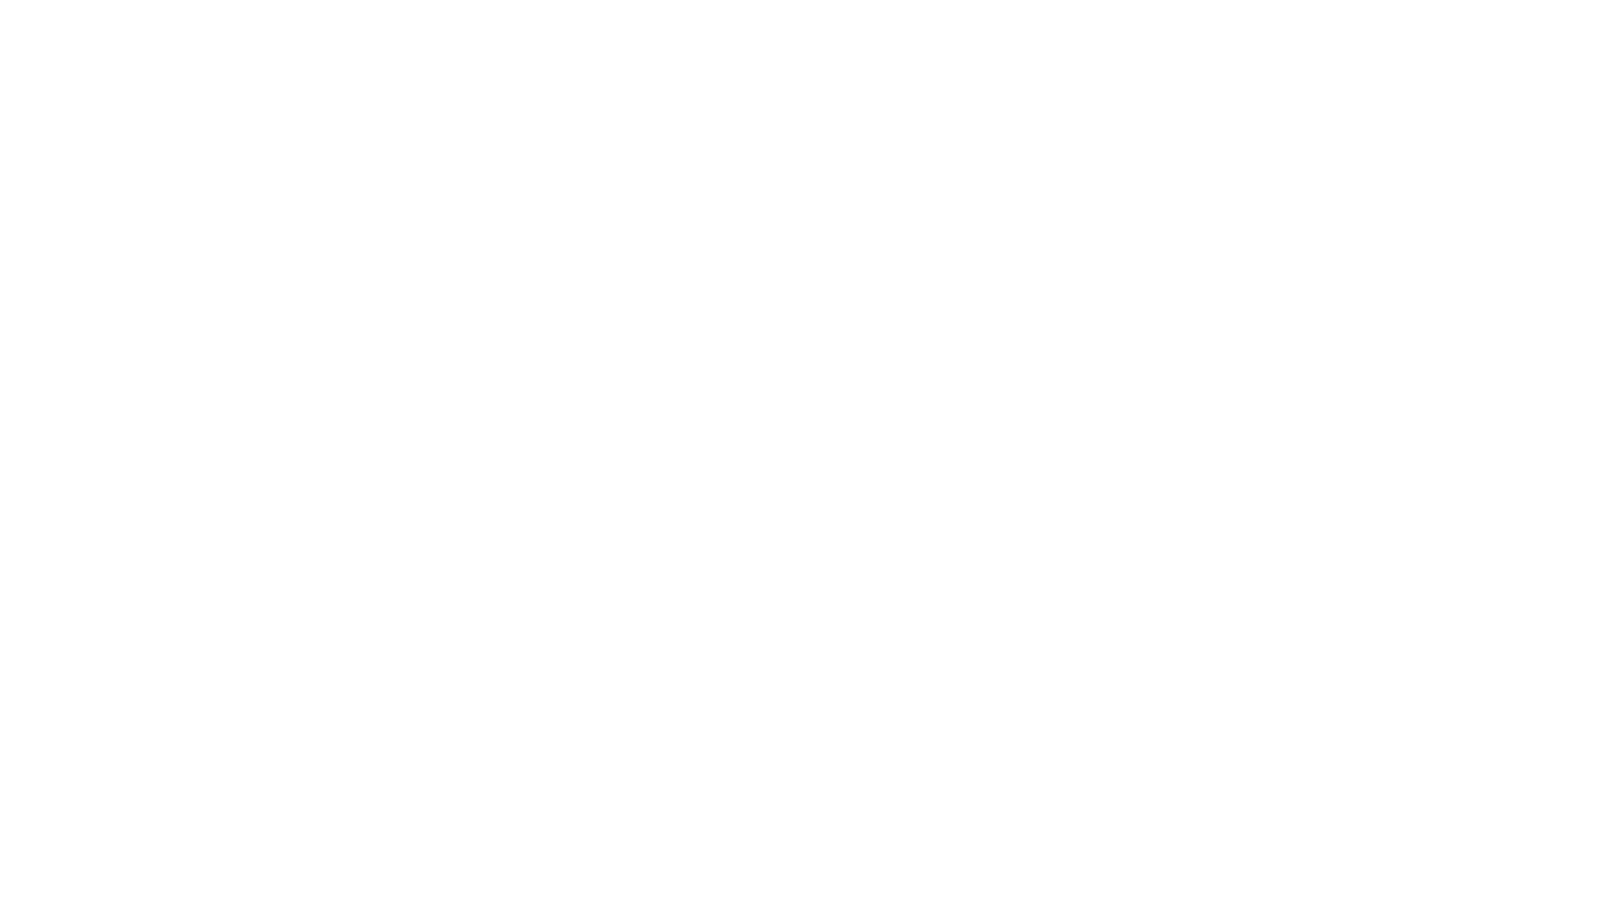 """L'Associazione Evita Touring, in collaborazione con il Comune di Torretta, ha organizzato la 1° Edizione de """"Il VerdOlio di Torretta"""". L' evento si è svolto l'11 e il 12 novembre: due giornate rispettivamente dedicate  alla divulgazione e alla  valorizzazione e promozione dell'olio d'oliva di Torretta e alla olivicoltura, attraverso la storia, la cultura, le tradizioni e la tipicità dei prodotti locali con lo scopo di accrescere il senso di appartenenza al territorio, specialmente tra i più giovani; promuovere processi di sviluppo e aggregazione socio-economici; condividere conoscenze tecniche e professionali degli addetti ai lavori, che vantano un'esperienza decennale; coinvolgere un ampio target di esperti del settore agroalimentare; diventare un appuntamento annuale e di riferimento per la provincia di Palermo; prevedere prospettive future dell'Olio di Torretta, della sua commercializzazione e dei miglioramenti che potrebbe apportare alla comunità."""